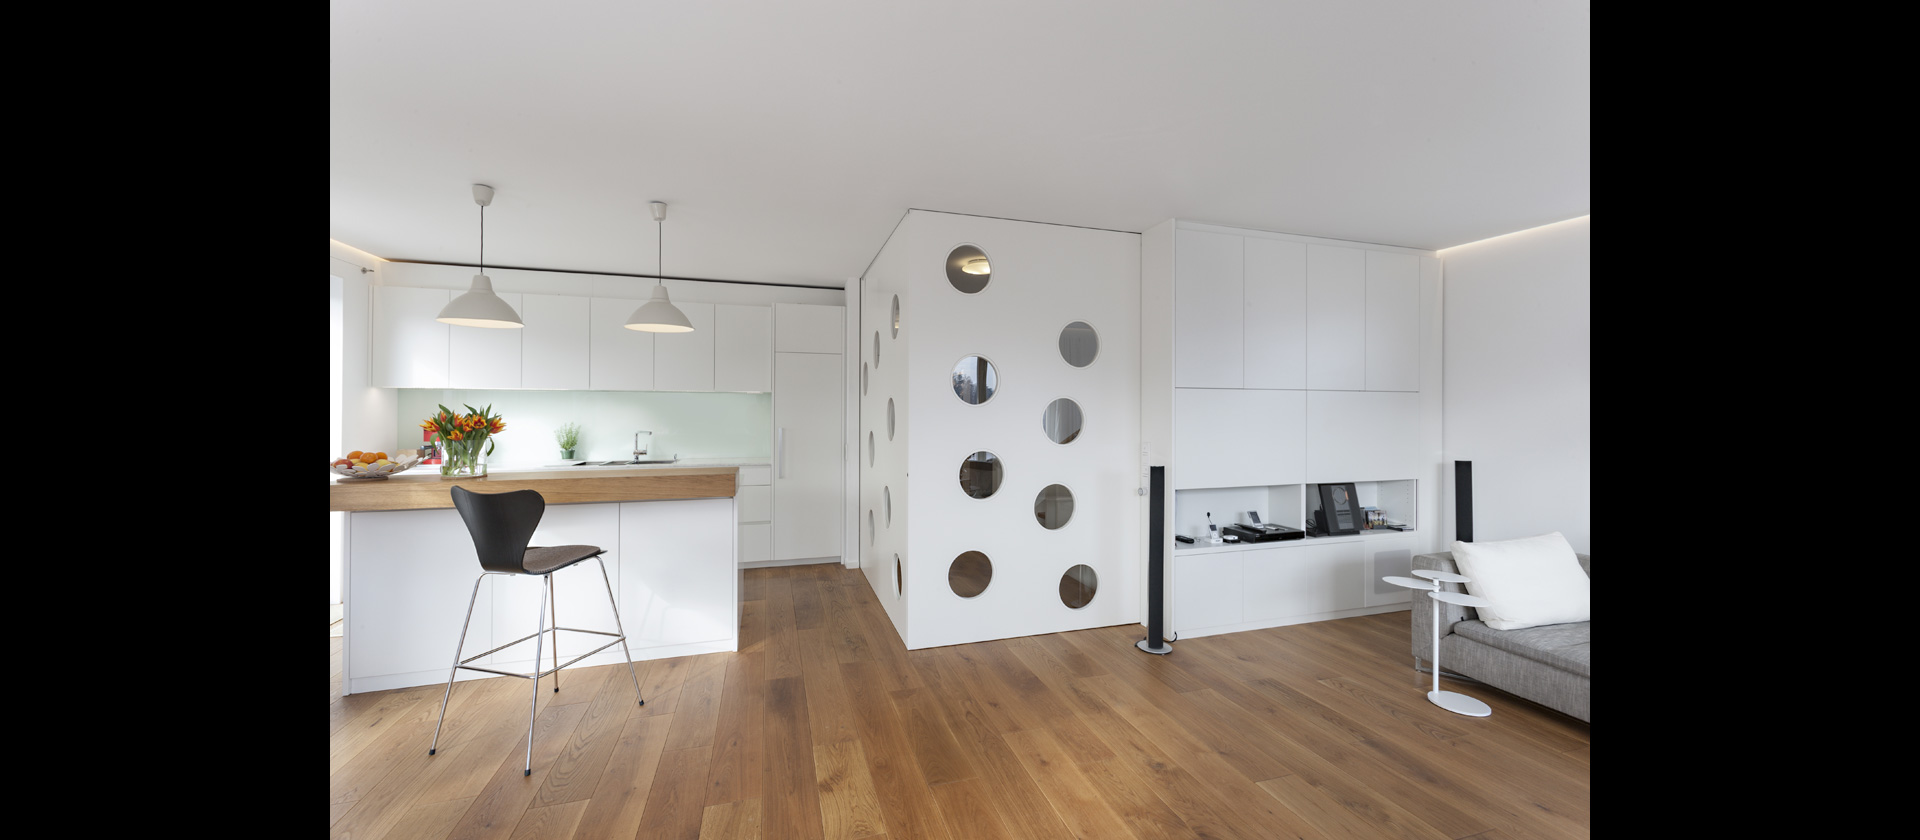 wohnk che und hifim bel mit parkpl tzen f r schiebet ren. Black Bedroom Furniture Sets. Home Design Ideas